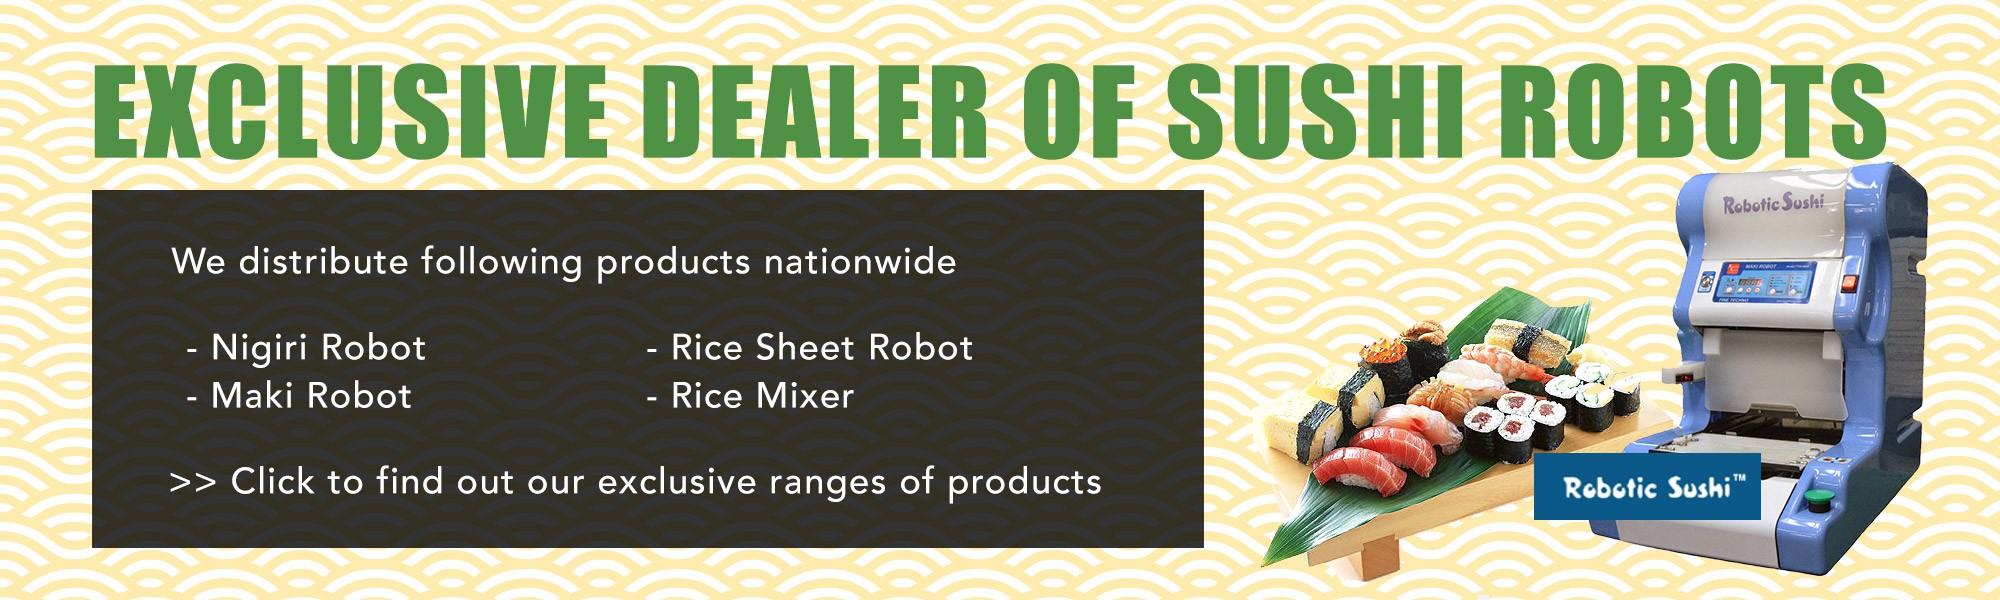 Sushi Robot Banner